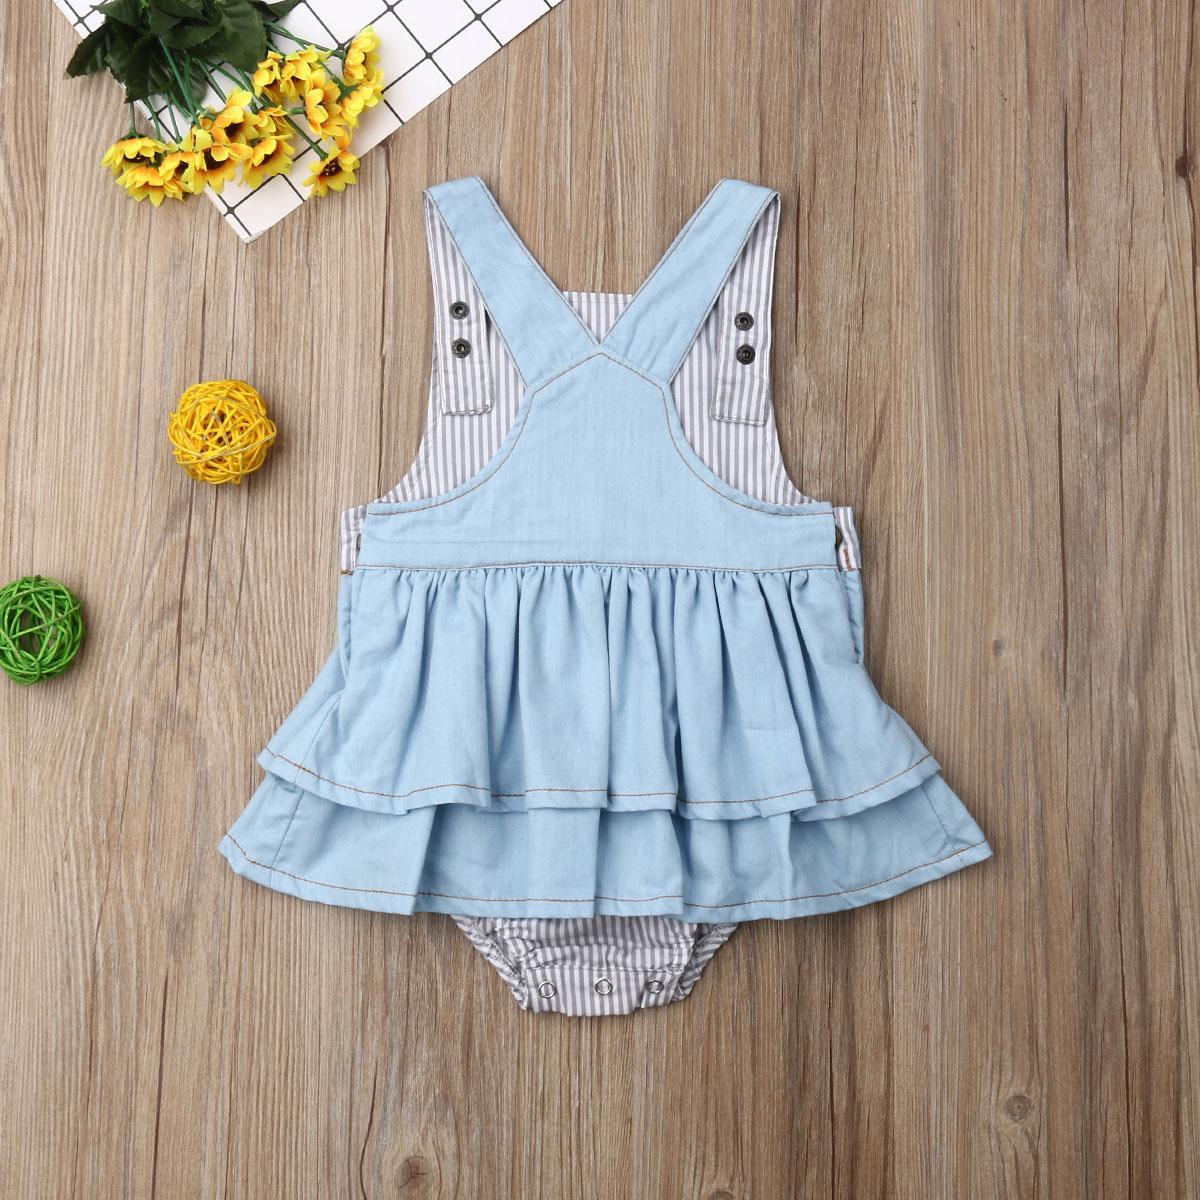 Pudcoco ABD Stok Yenidoğan Çocuk Kız bebekler 1-4T Romper Katı Patchwork Yaz Suspender Denim Romper Jumpsuit Kıyafetler